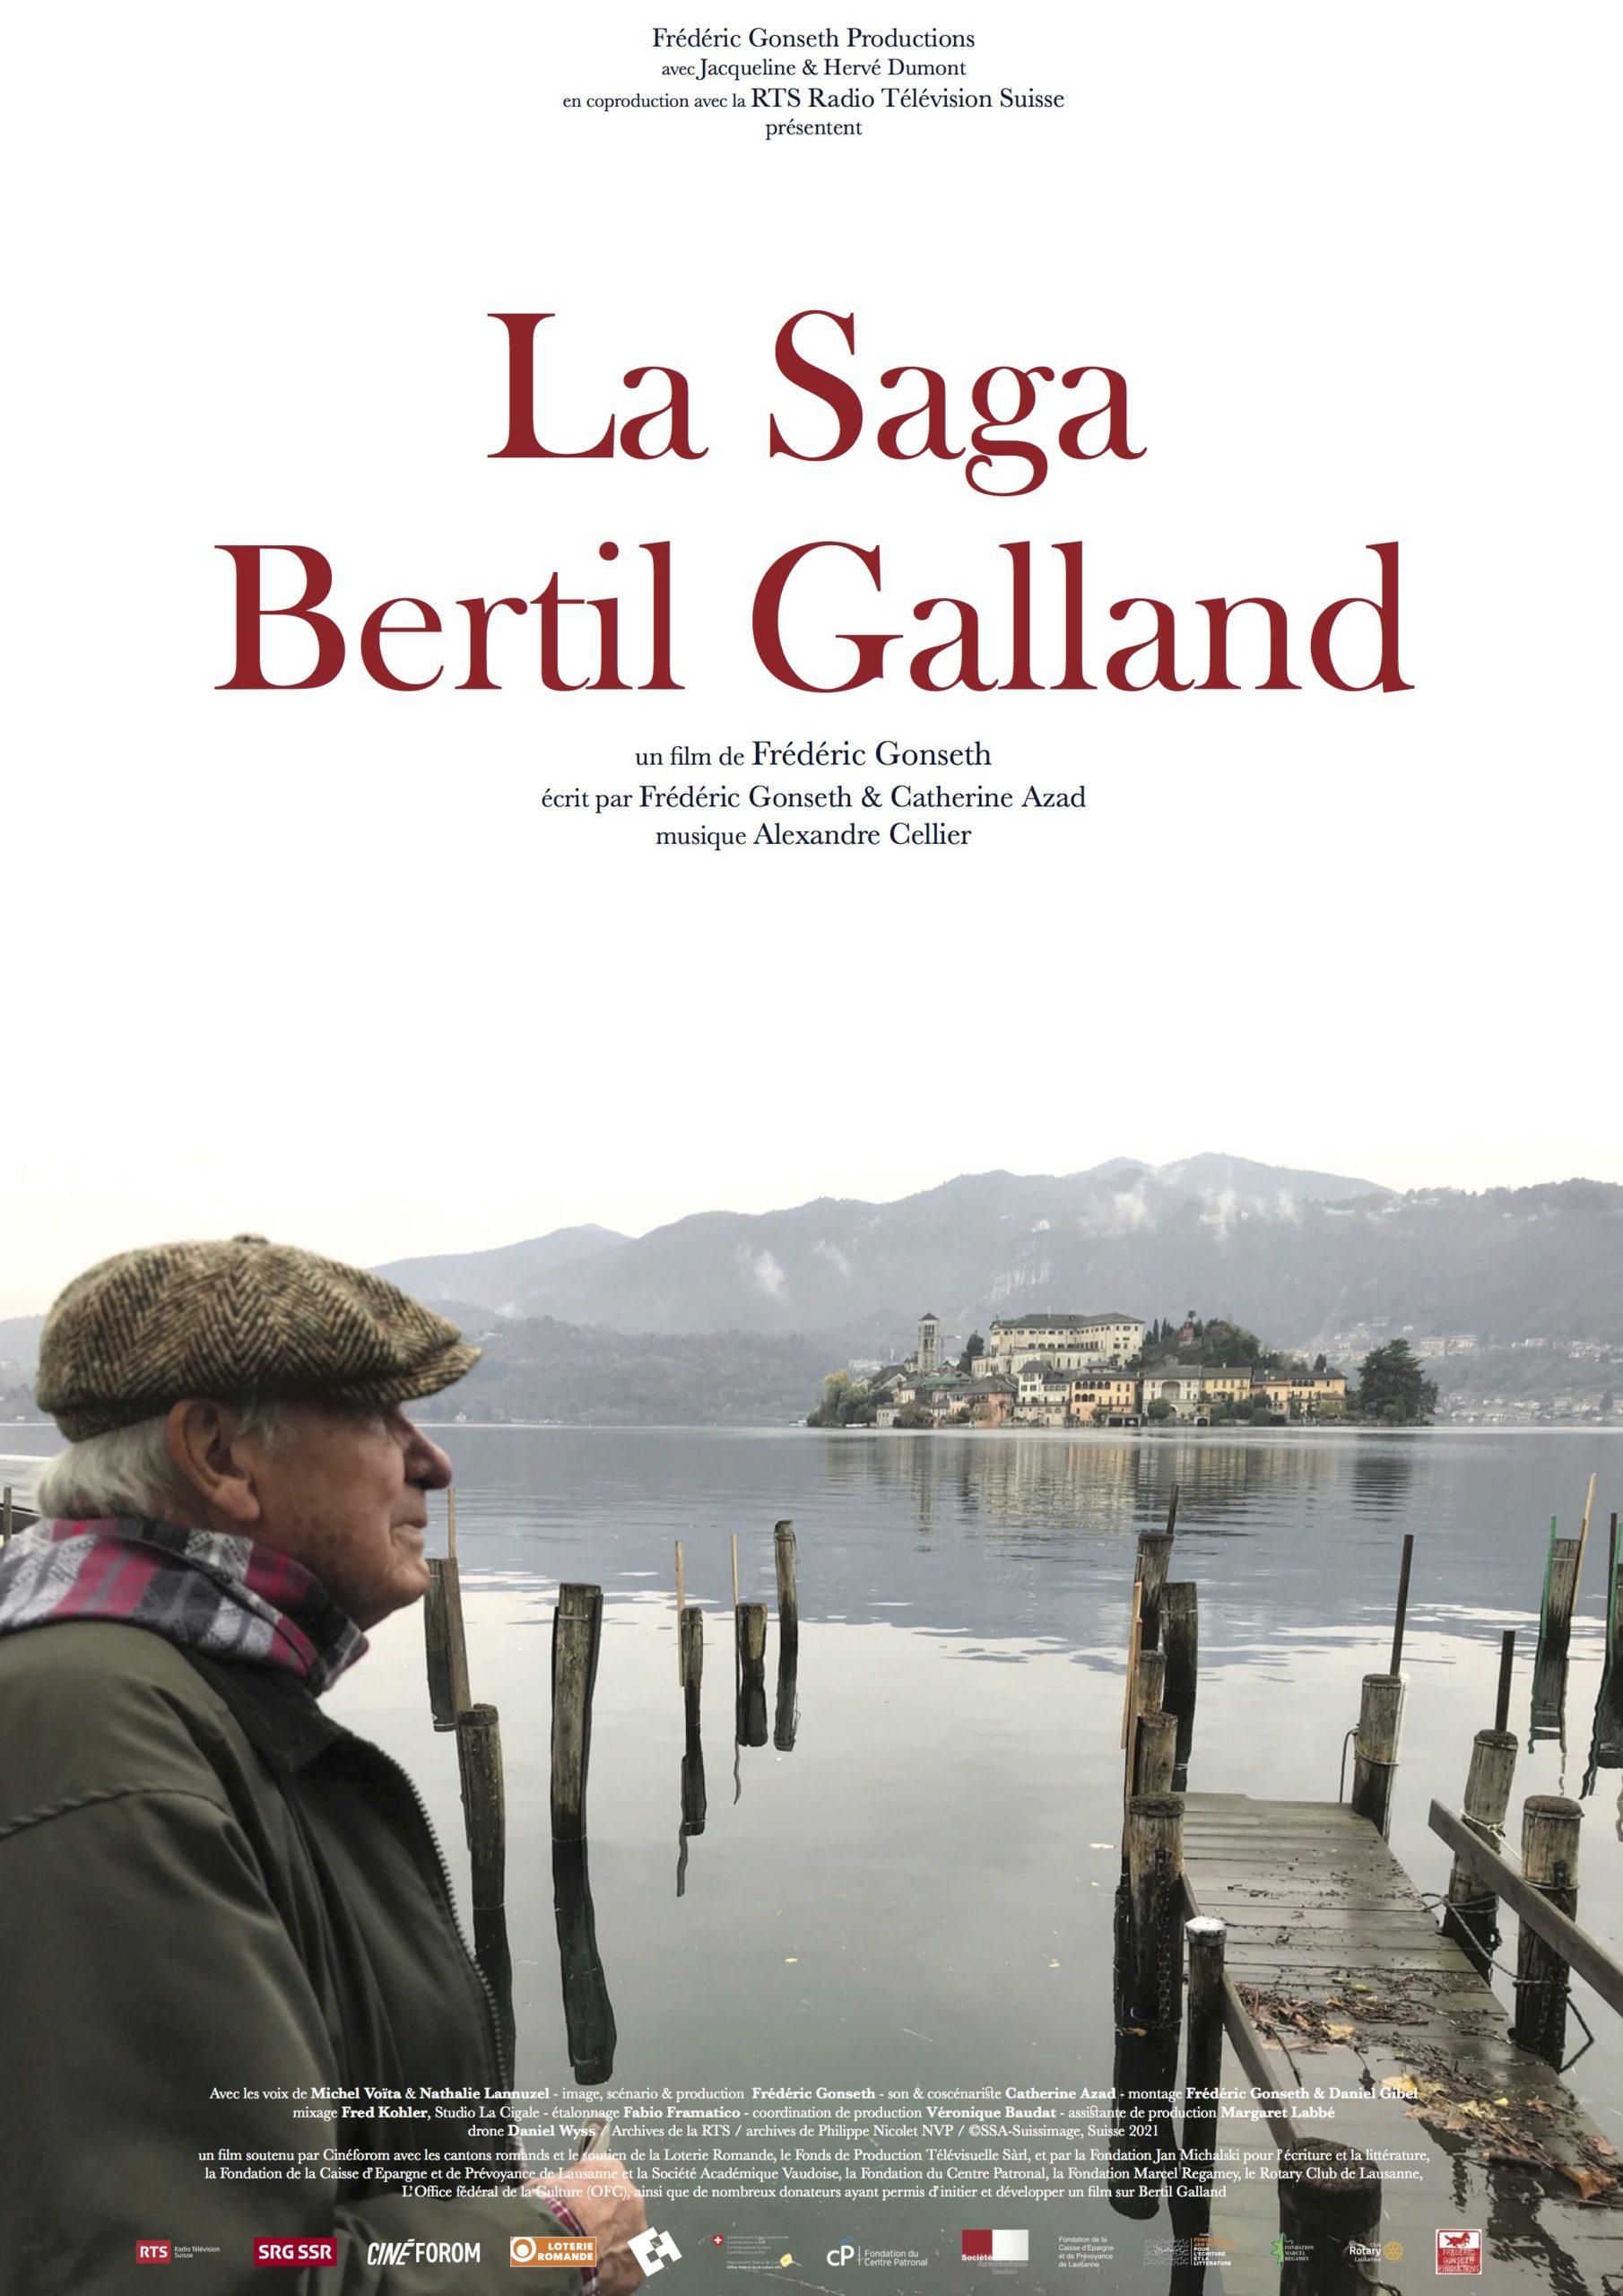 LA SAGA BERTIL GALLAND